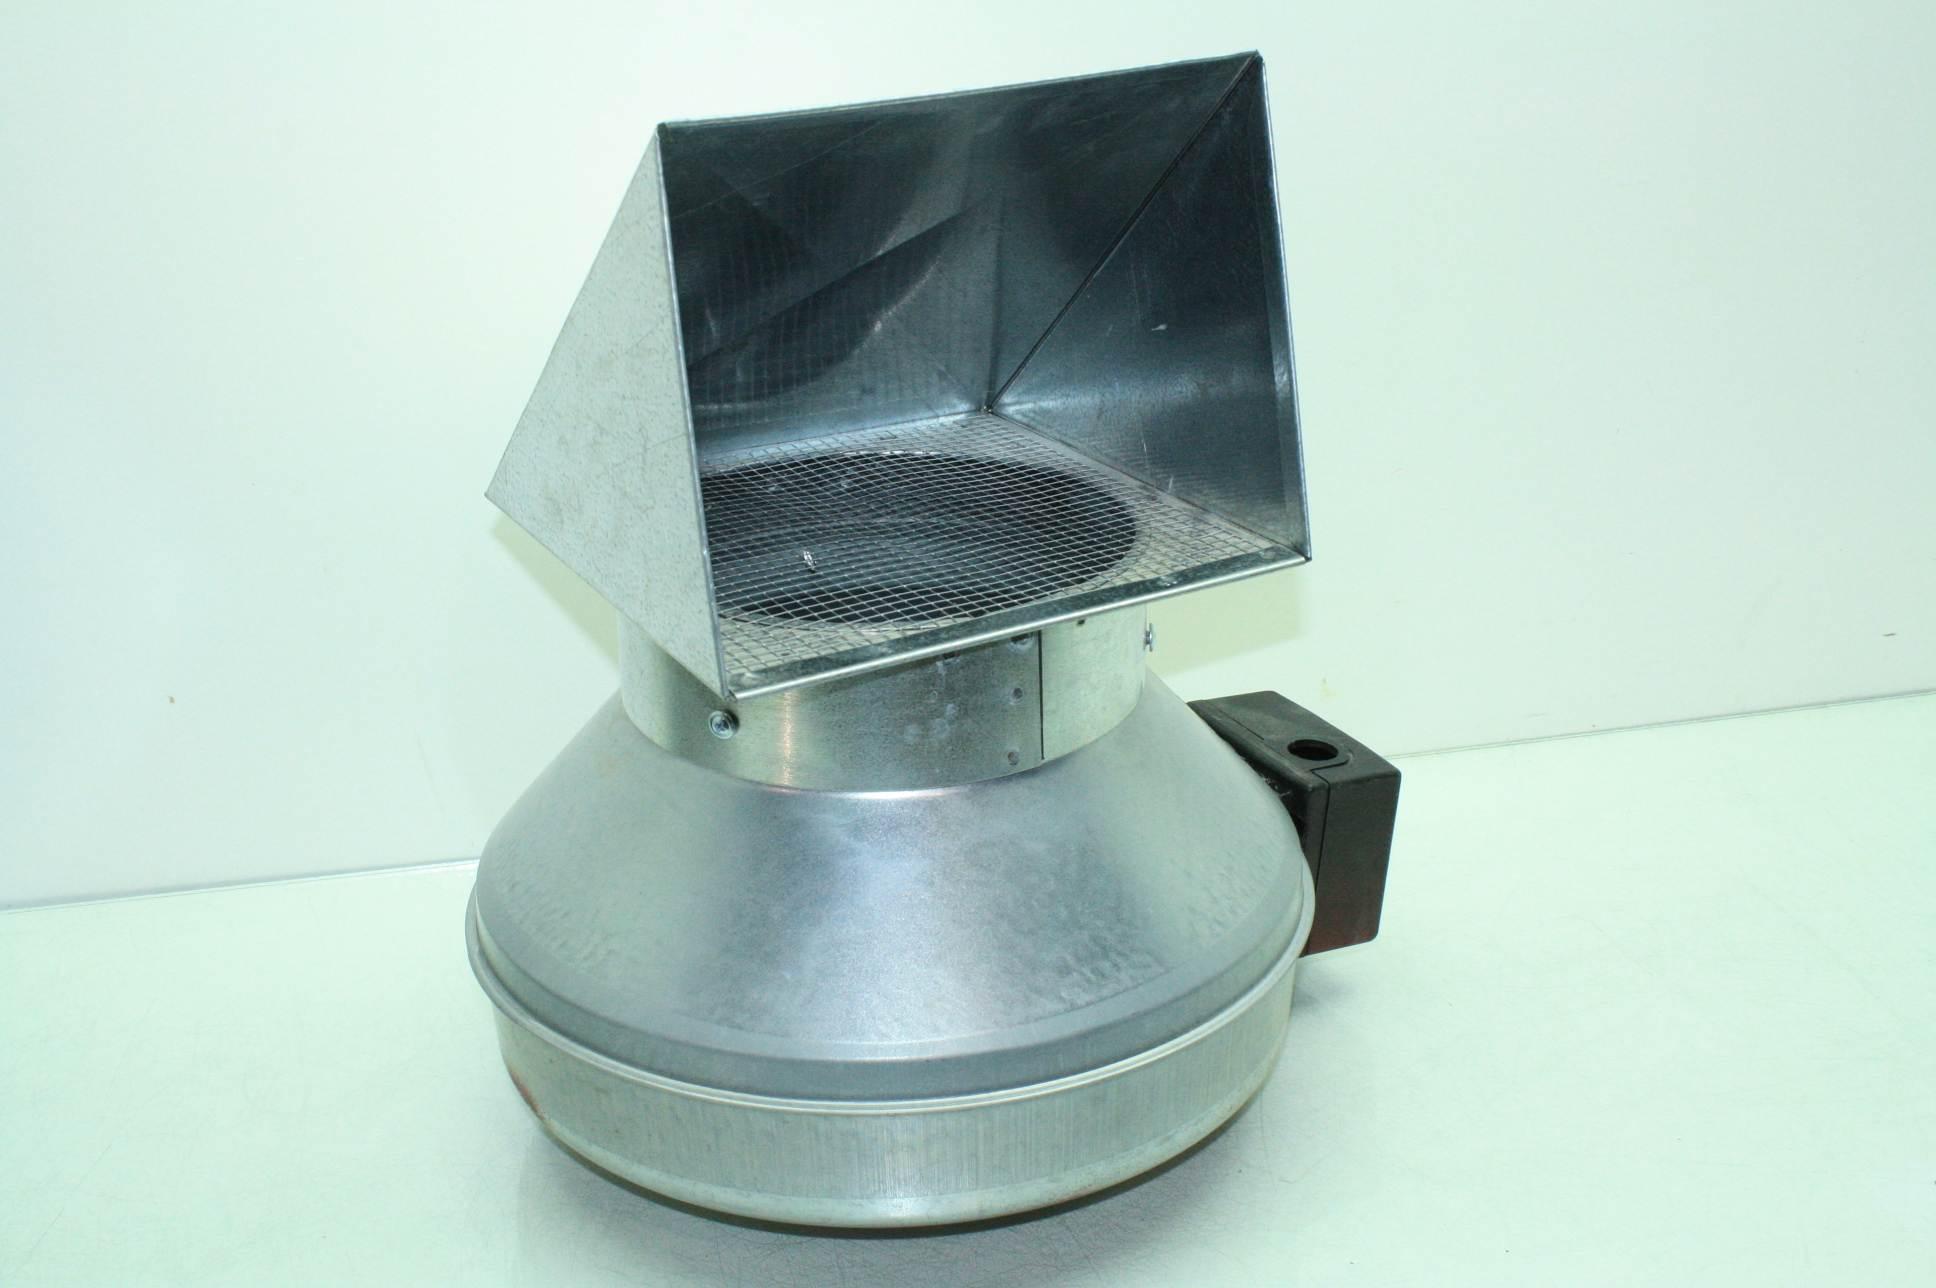 Centrifugal Exhaust Fans : Fantech k xl quot centrifugal sidewall mount exhaust fan ebay